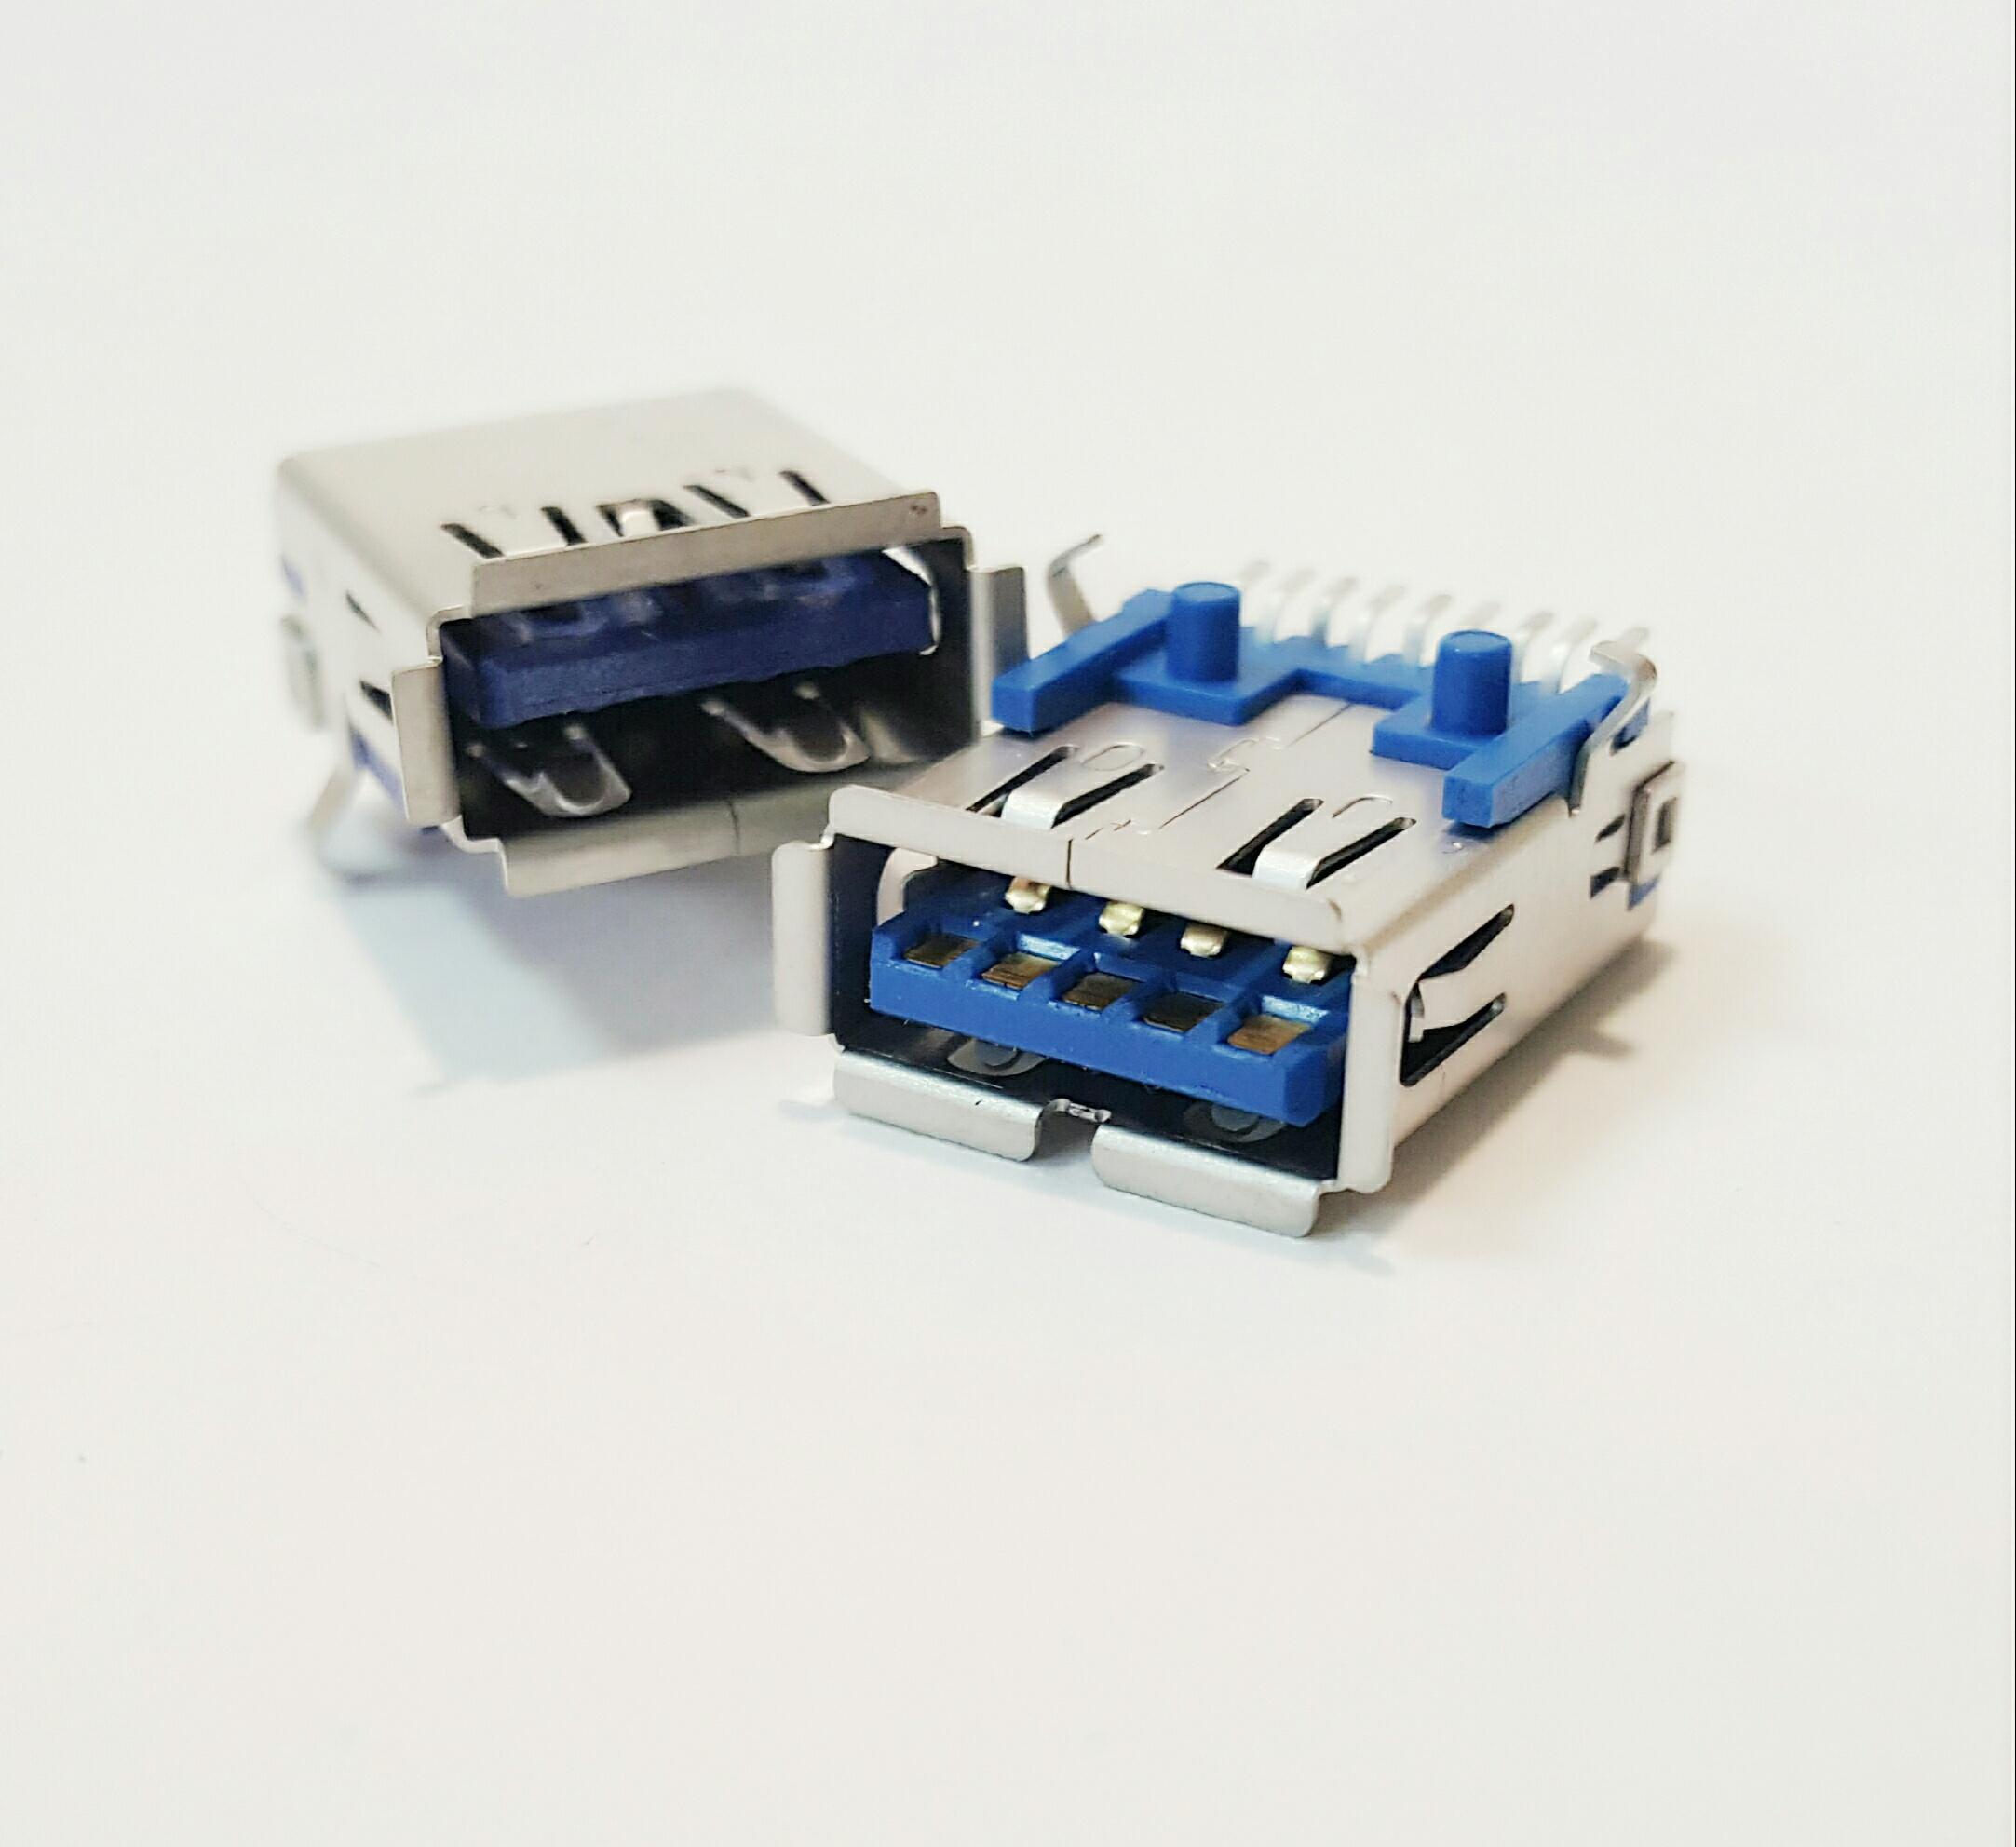 USB Type A 3.0 SMT  - SBPA